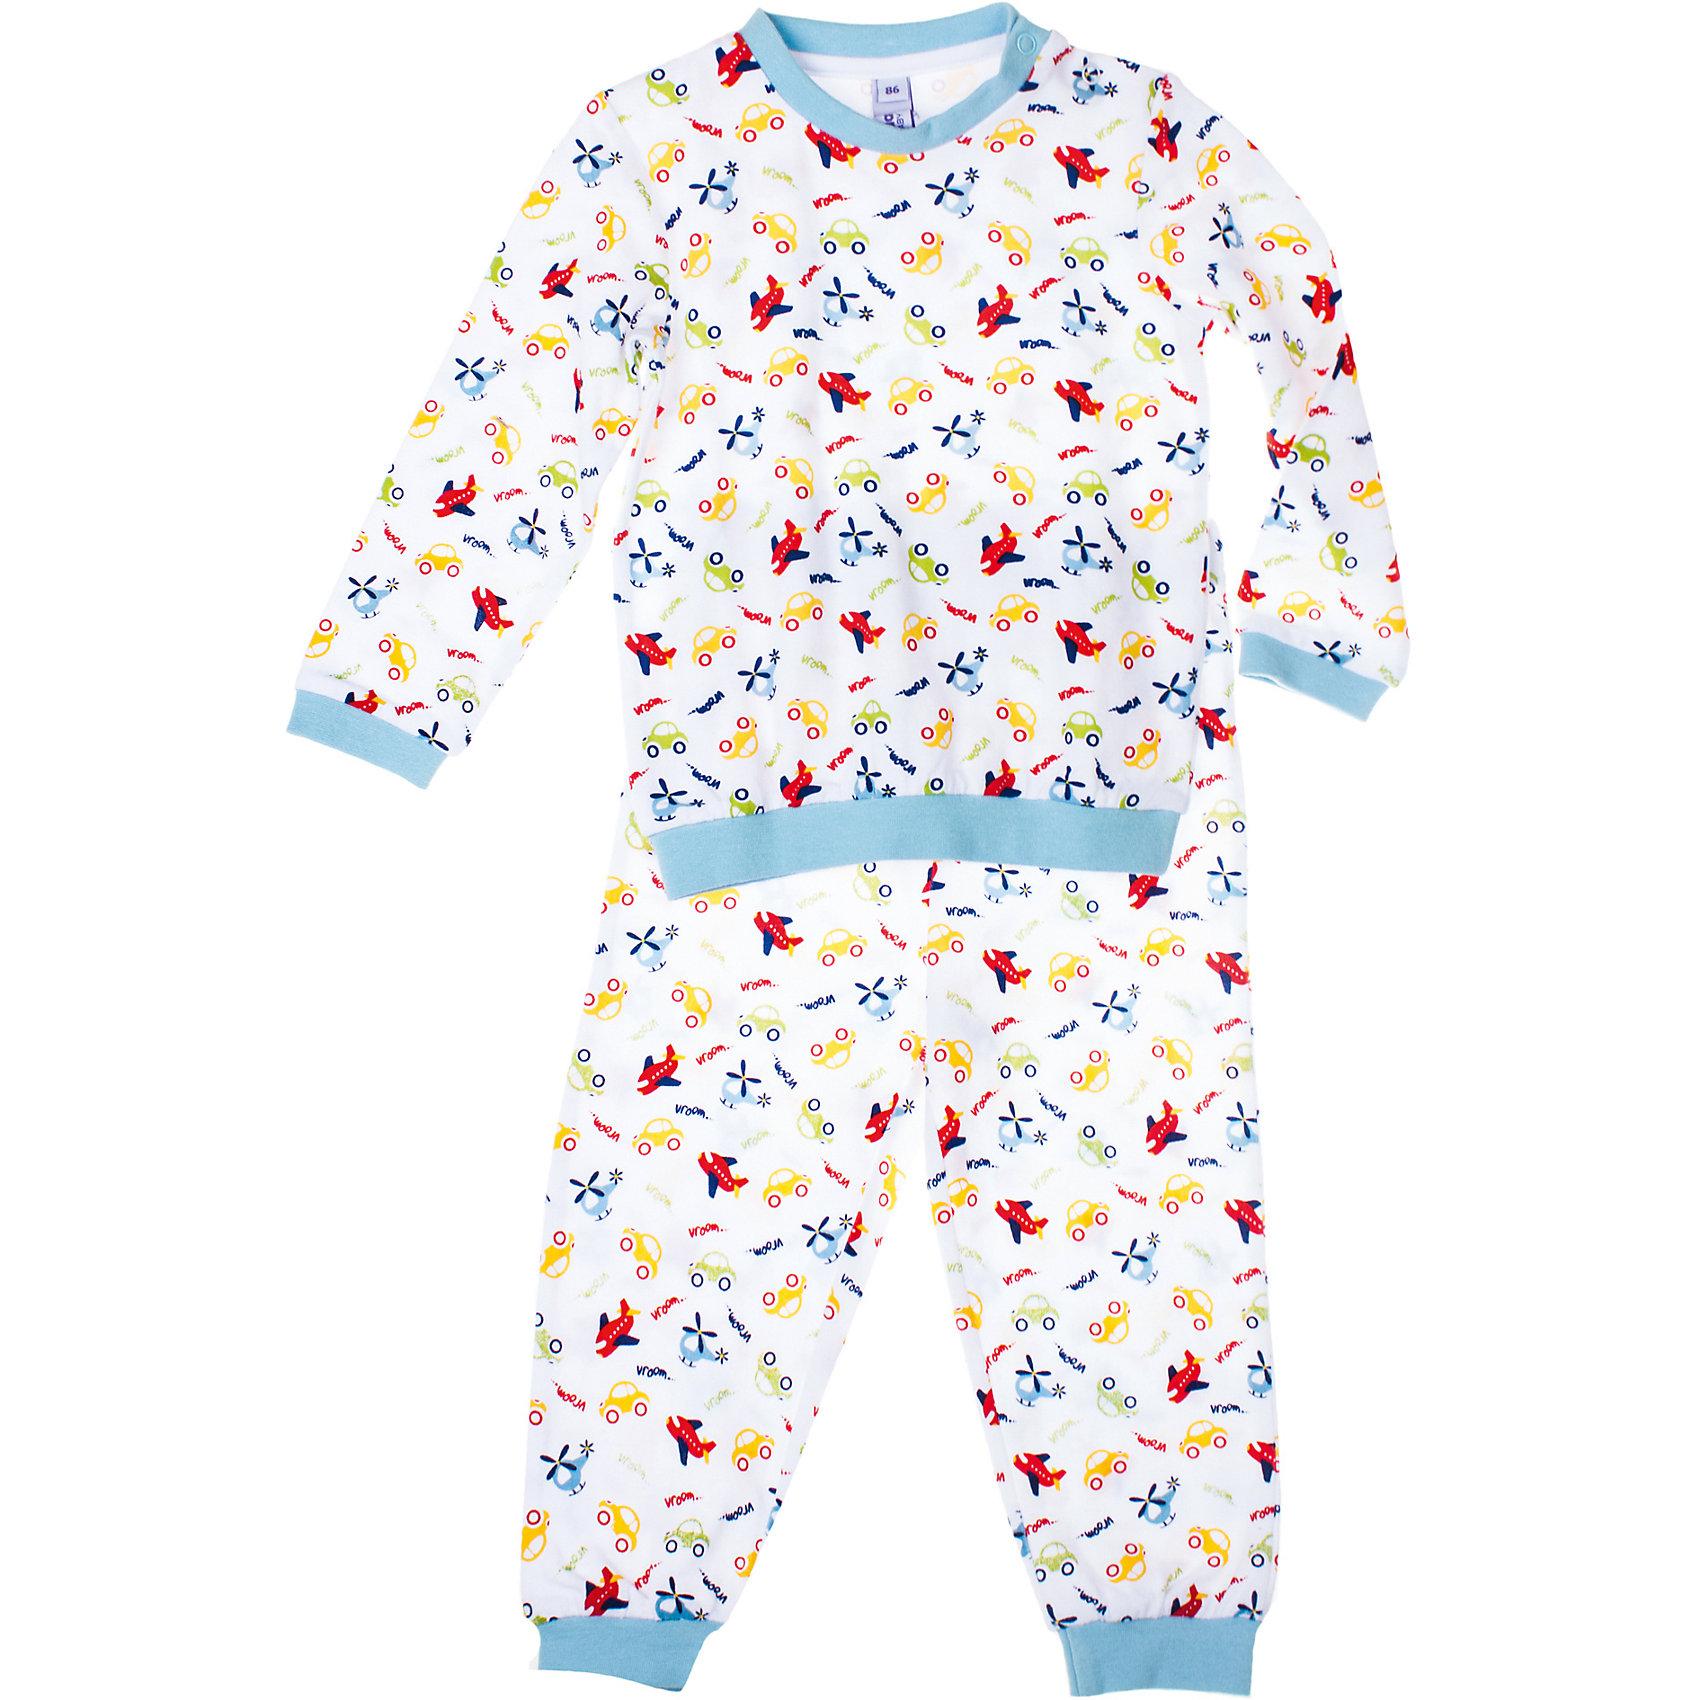 Пижама для мальчика PlayTodayПижама для мальчика PlayToday Хлопковая пижама с красочным принтом. Обязательно понравится вашему малышу. Крой свободный, материал легкий и практичный в носке. Состав: 95% хлопок, 5% эластан<br><br>Ширина мм: 281<br>Глубина мм: 70<br>Высота мм: 188<br>Вес г: 295<br>Цвет: белый<br>Возраст от месяцев: 6<br>Возраст до месяцев: 9<br>Пол: Мужской<br>Возраст: Детский<br>Размер: 74,80,92,86<br>SKU: 4229048